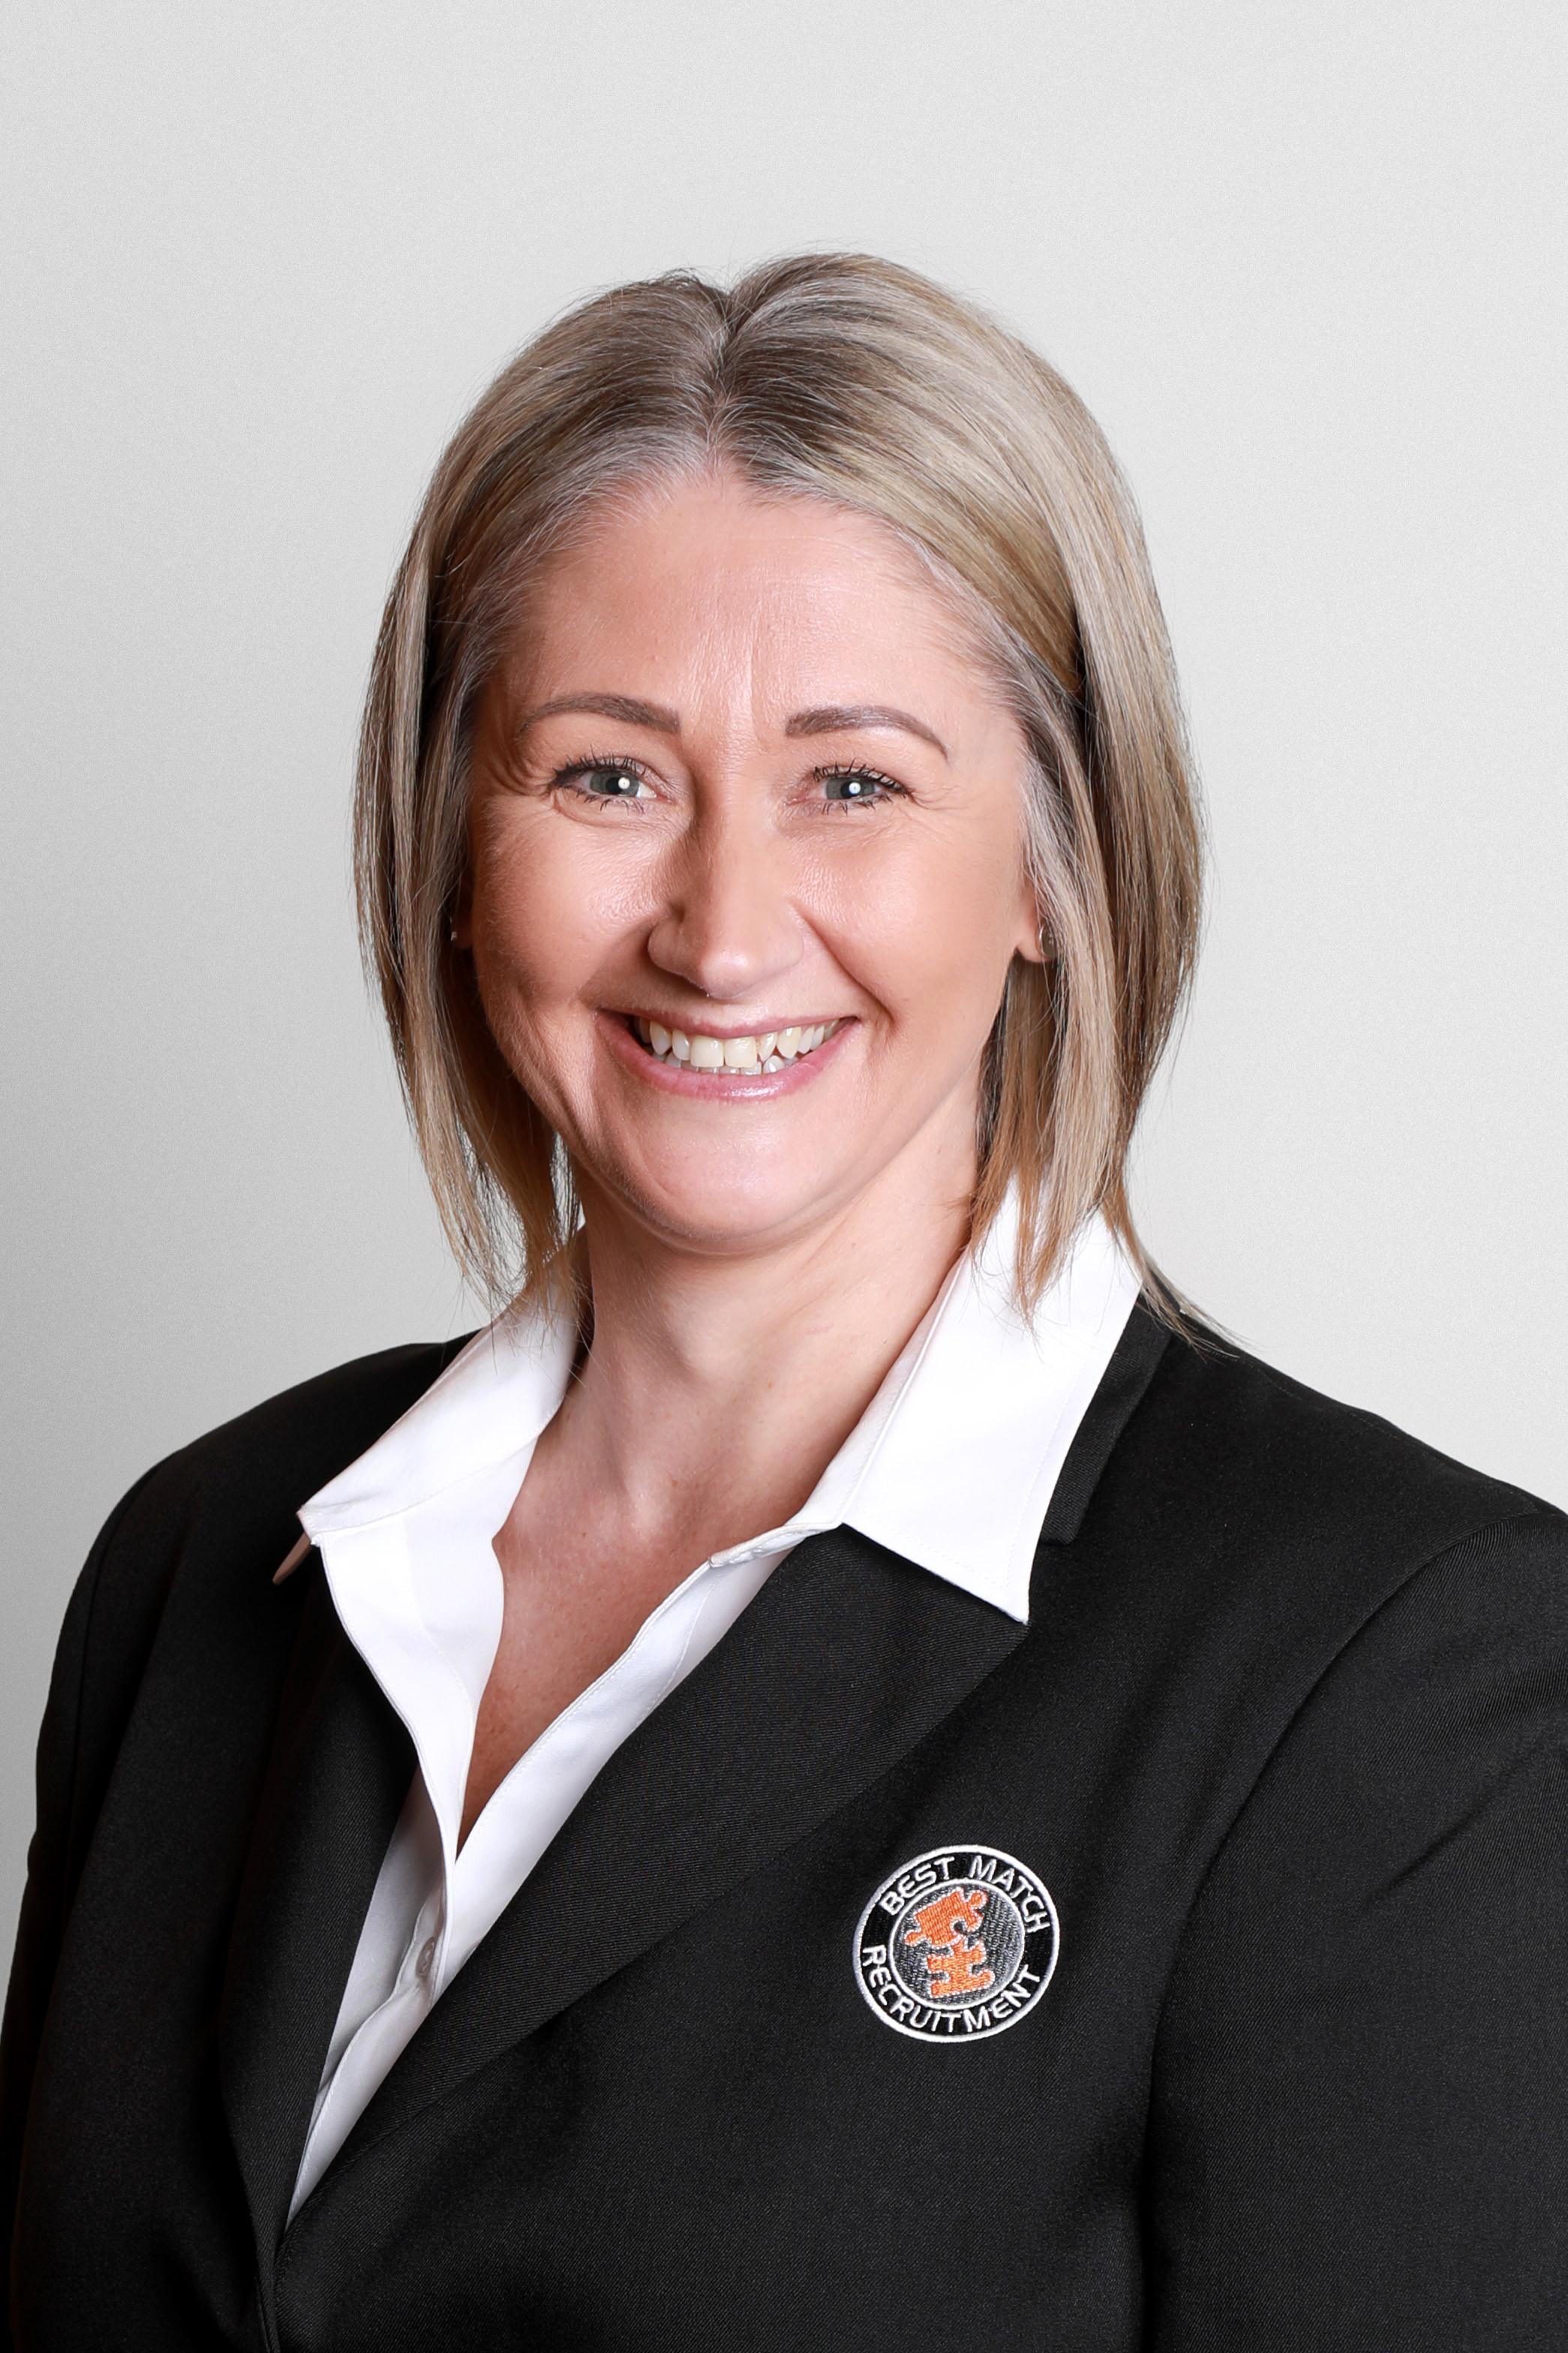 Best Match Recruitment staff Kath Davis